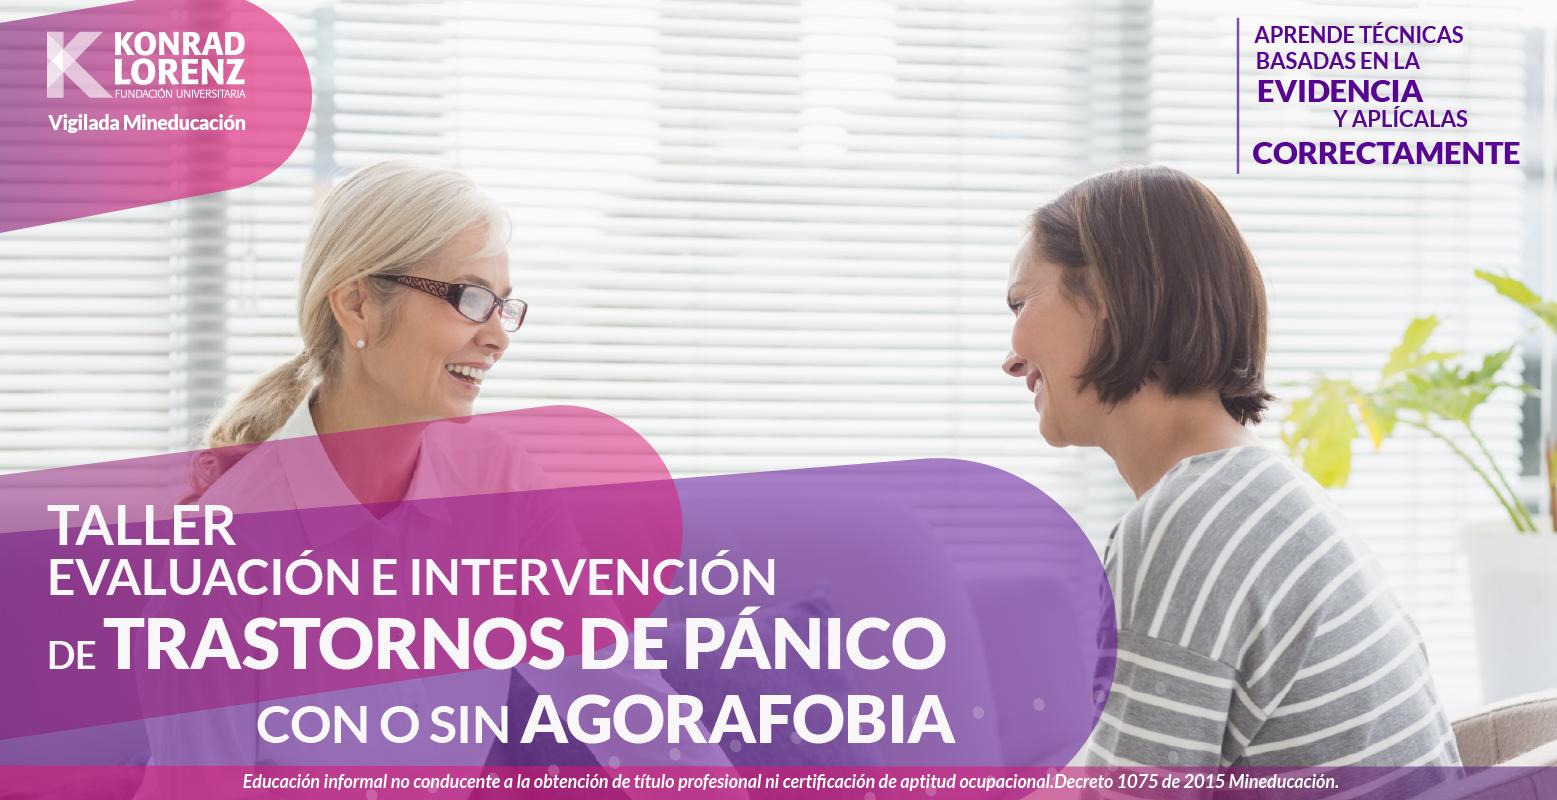 Taller: evaluación e intervención de trastornos de pánico con o sin agorafobia